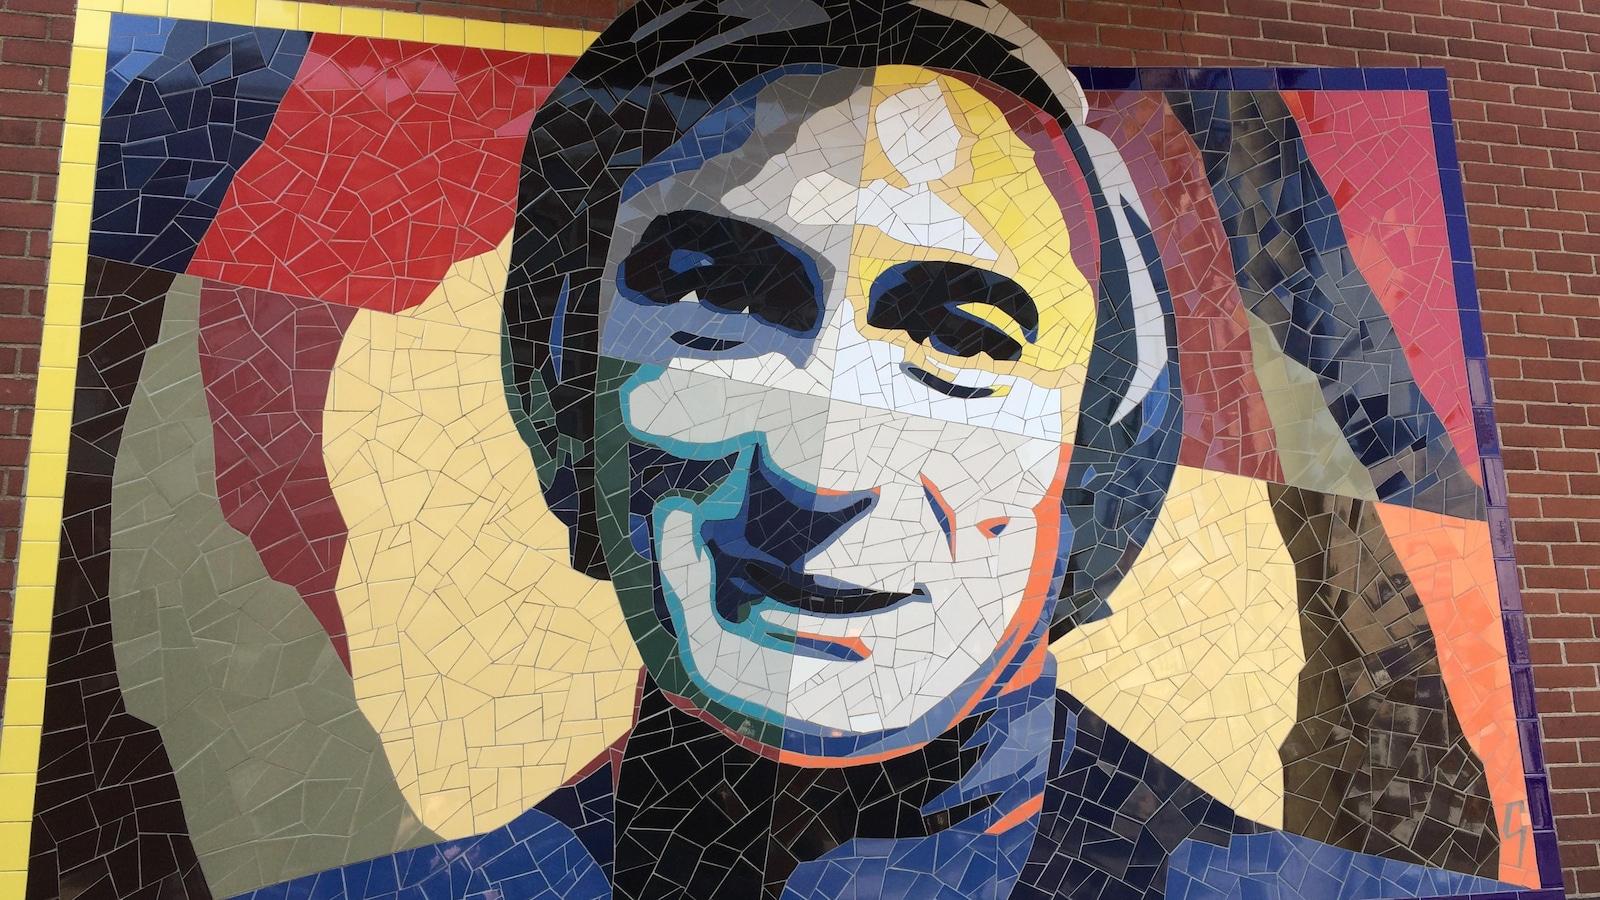 À l'angle de la rue Ontario Est et Alexandre DeSève, on trouve la murale représentant Yvon Deschamps.